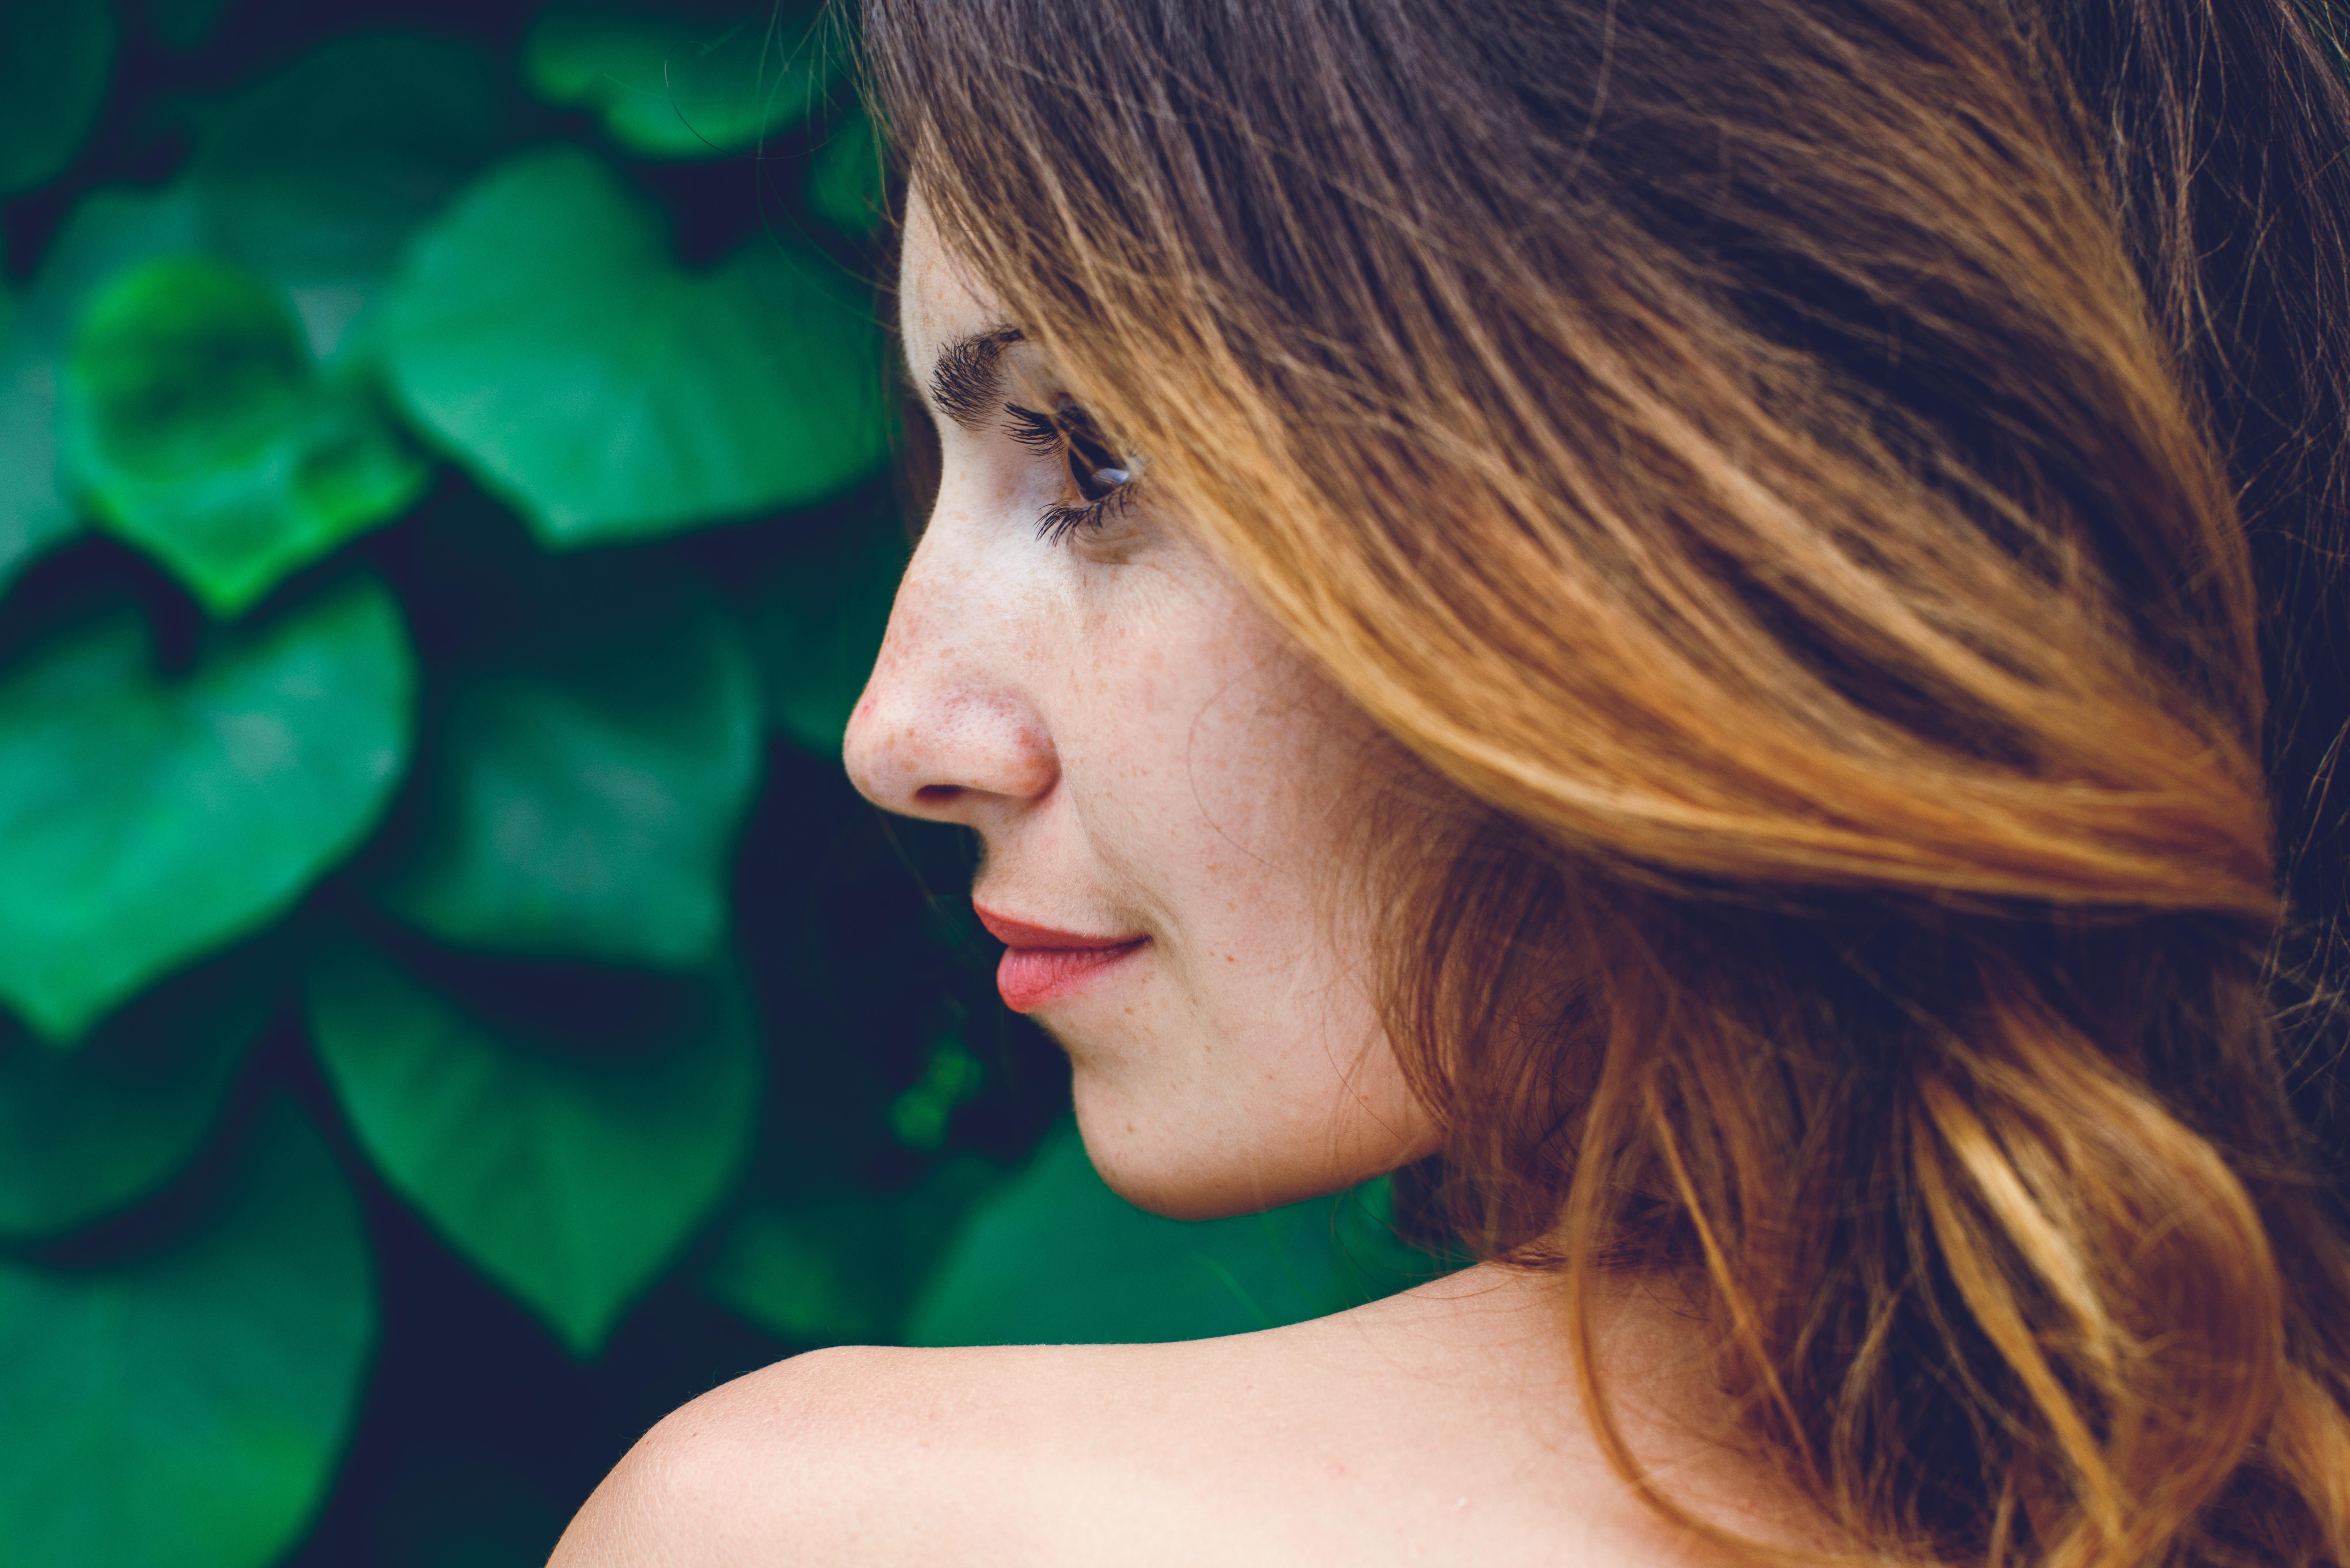 Att resveratrol skulle kunna förbättra vår hud tillskrivs de specifika resveratrolreceptorer som finns i huden.